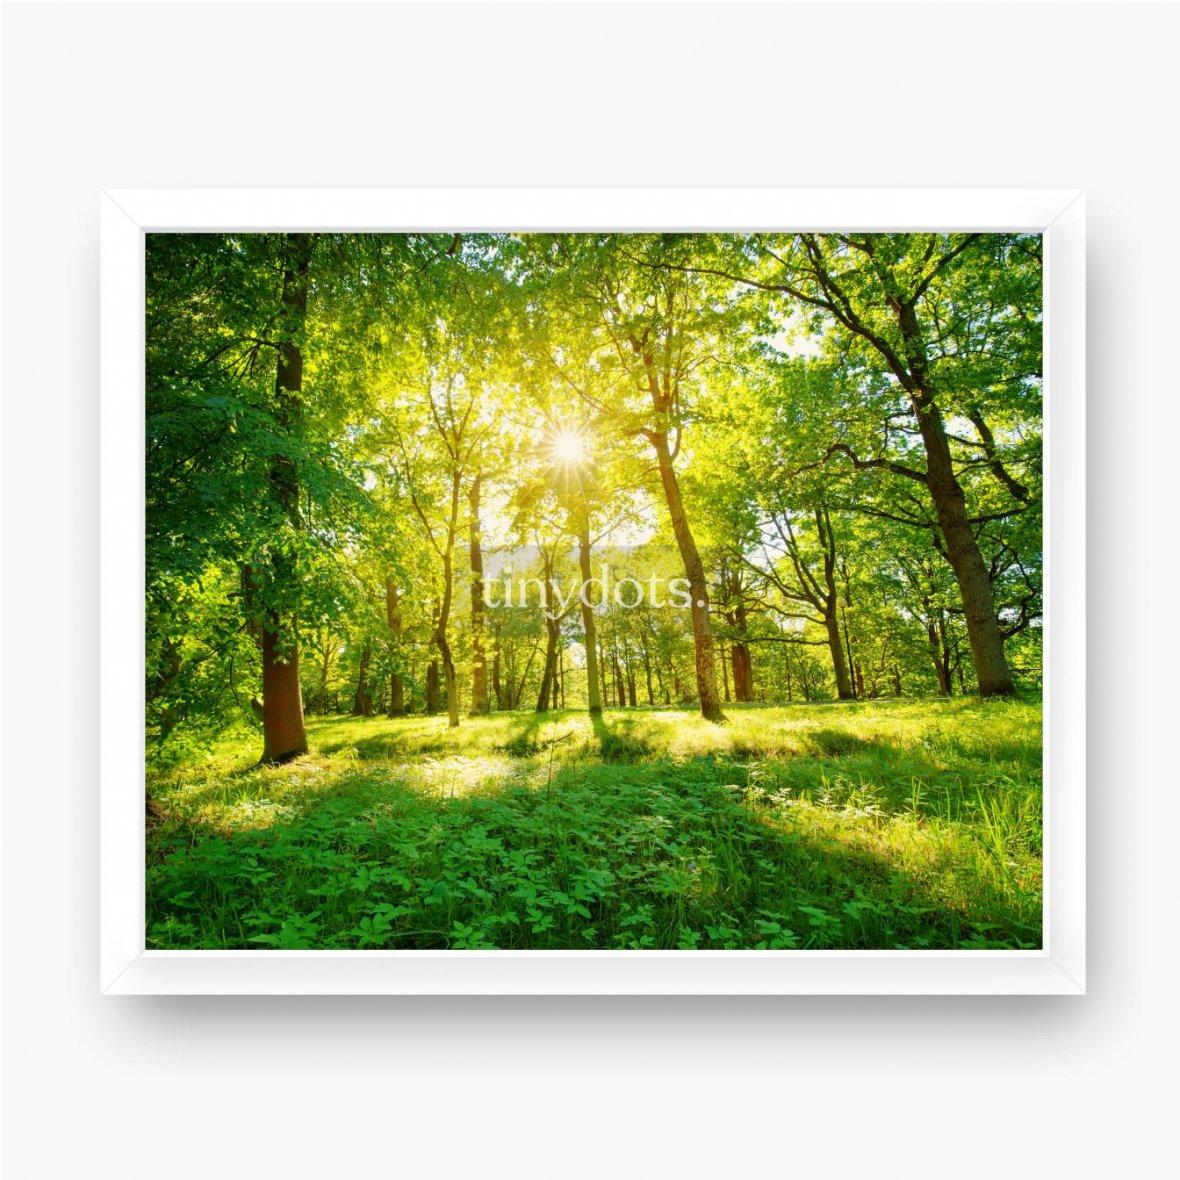 Gerahmte Poster Altes Eichenlaub im Morgenlicht mit Sonnenlicht. Waldlandschaft.